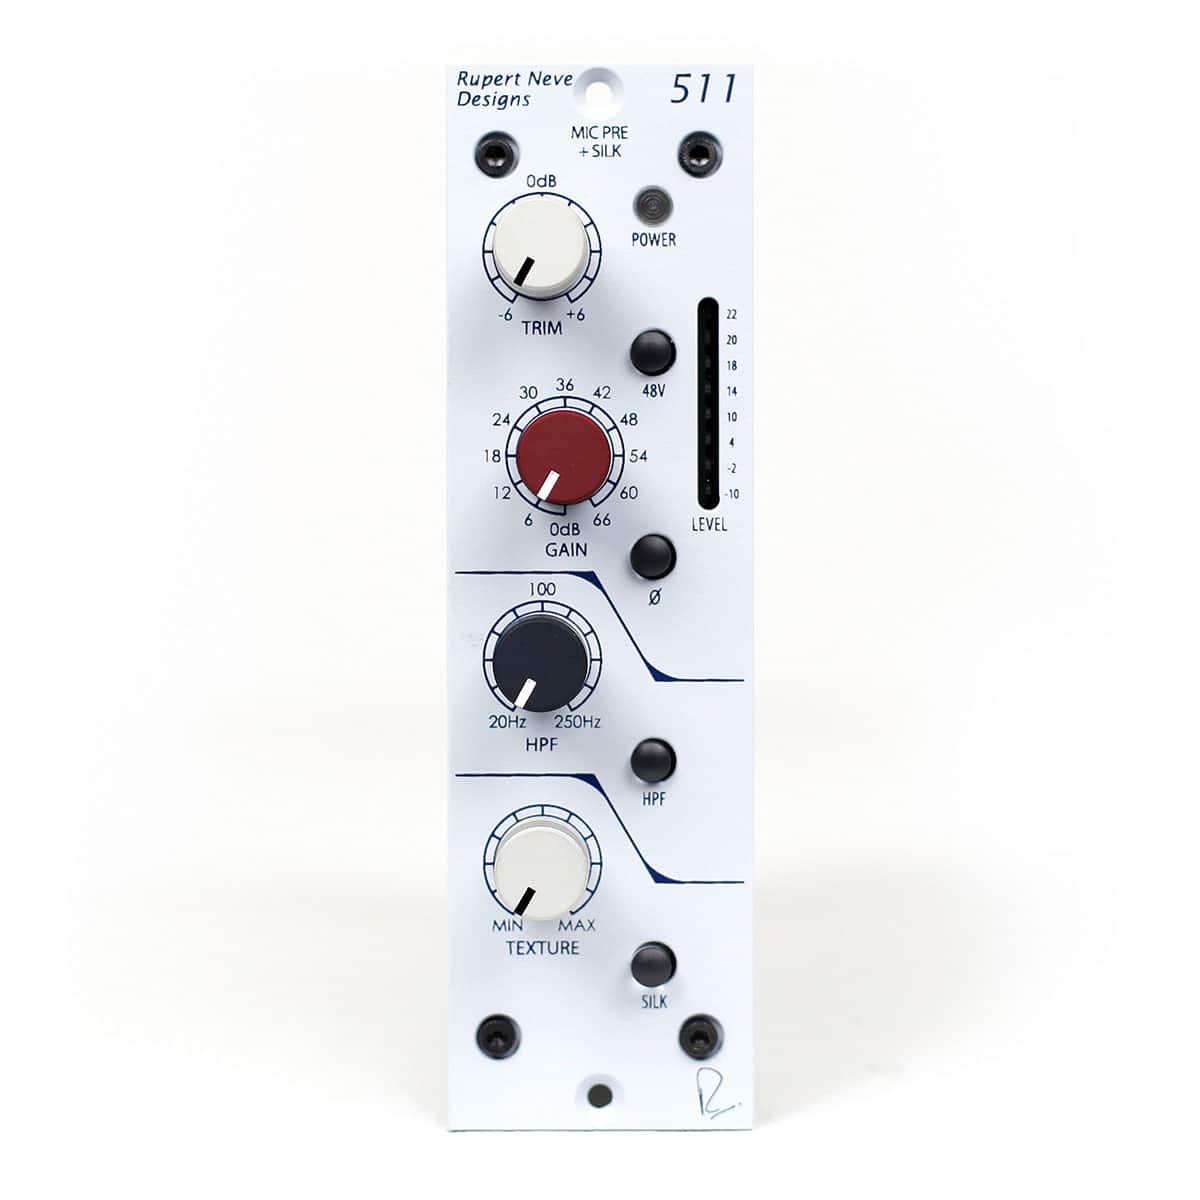 rupert neve 511 mic pre con swept hpf variable silk disponibile su milk audio store com. Black Bedroom Furniture Sets. Home Design Ideas